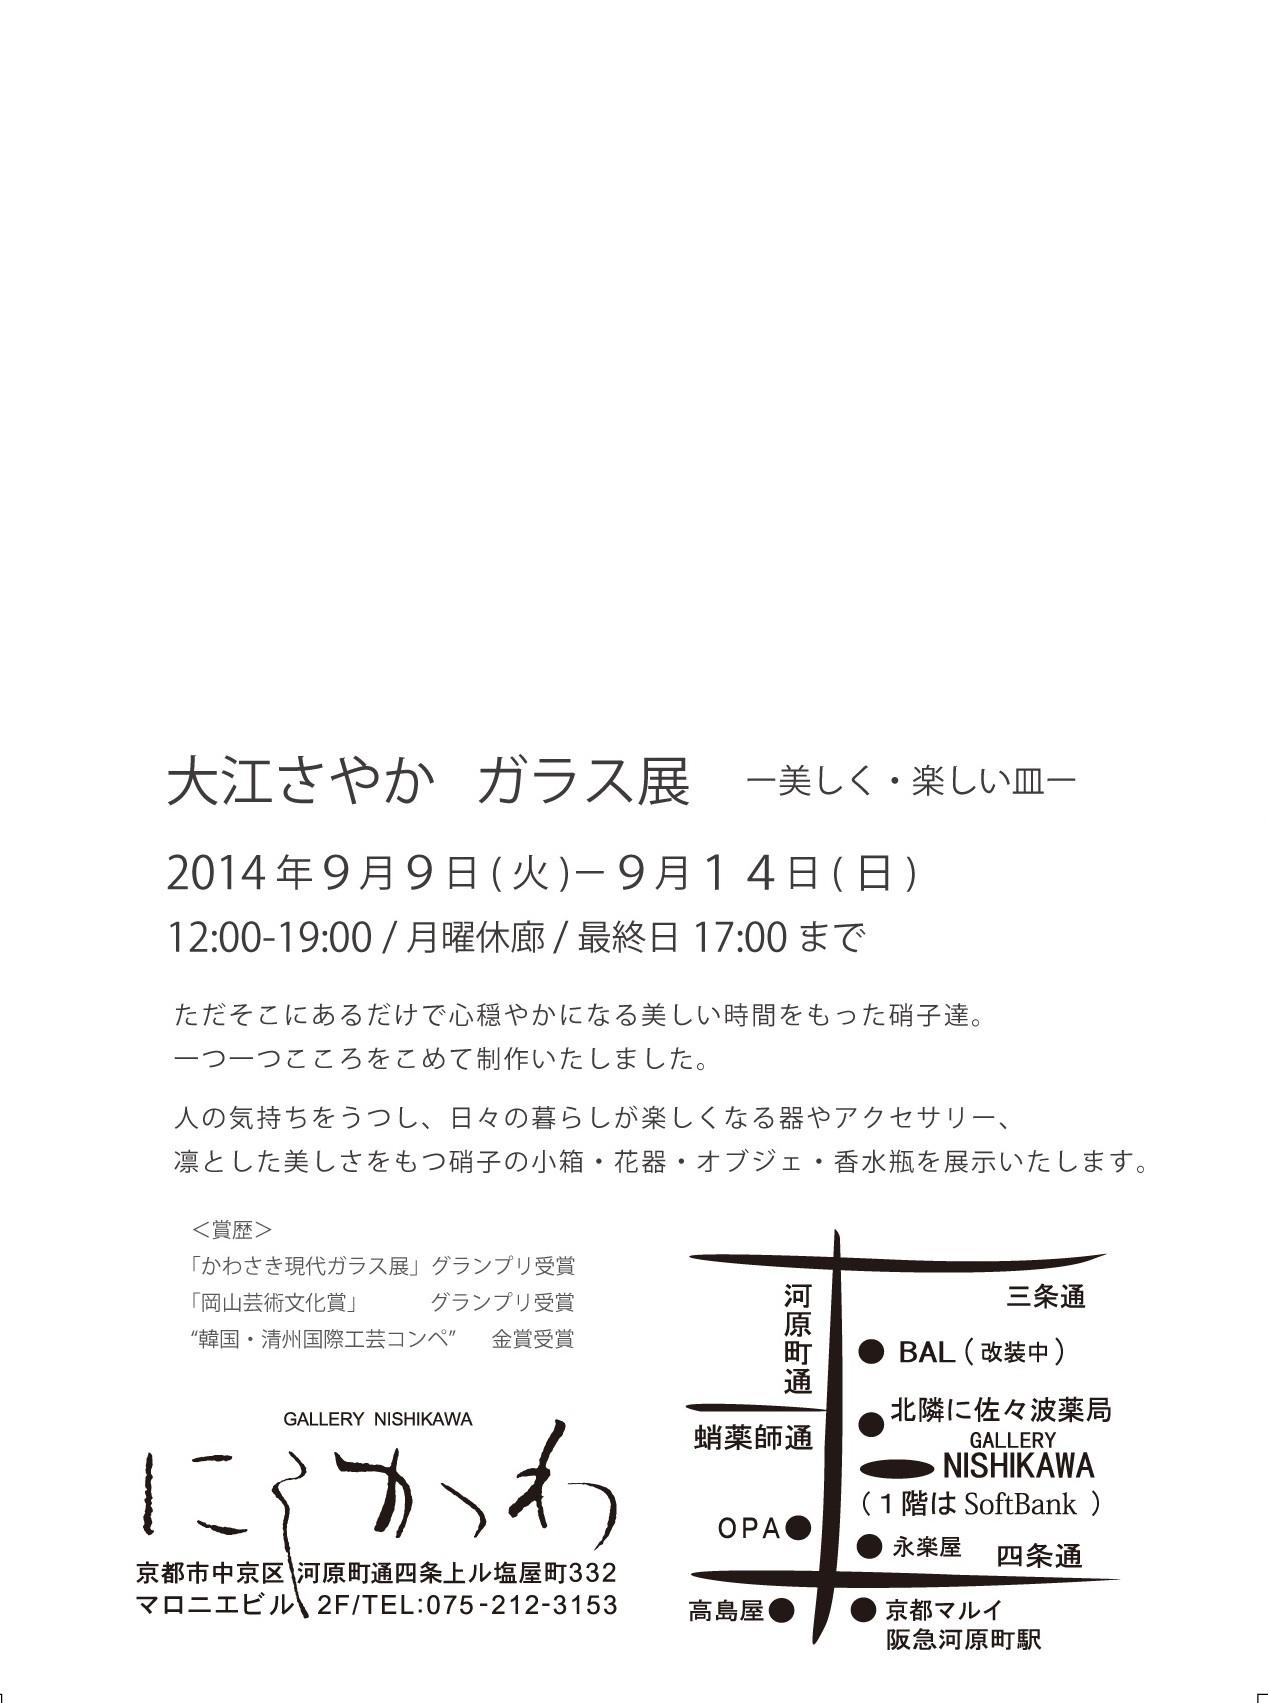 Vo.2 大江さやか・ガラス展 in京都_f0206741_1057373.jpg